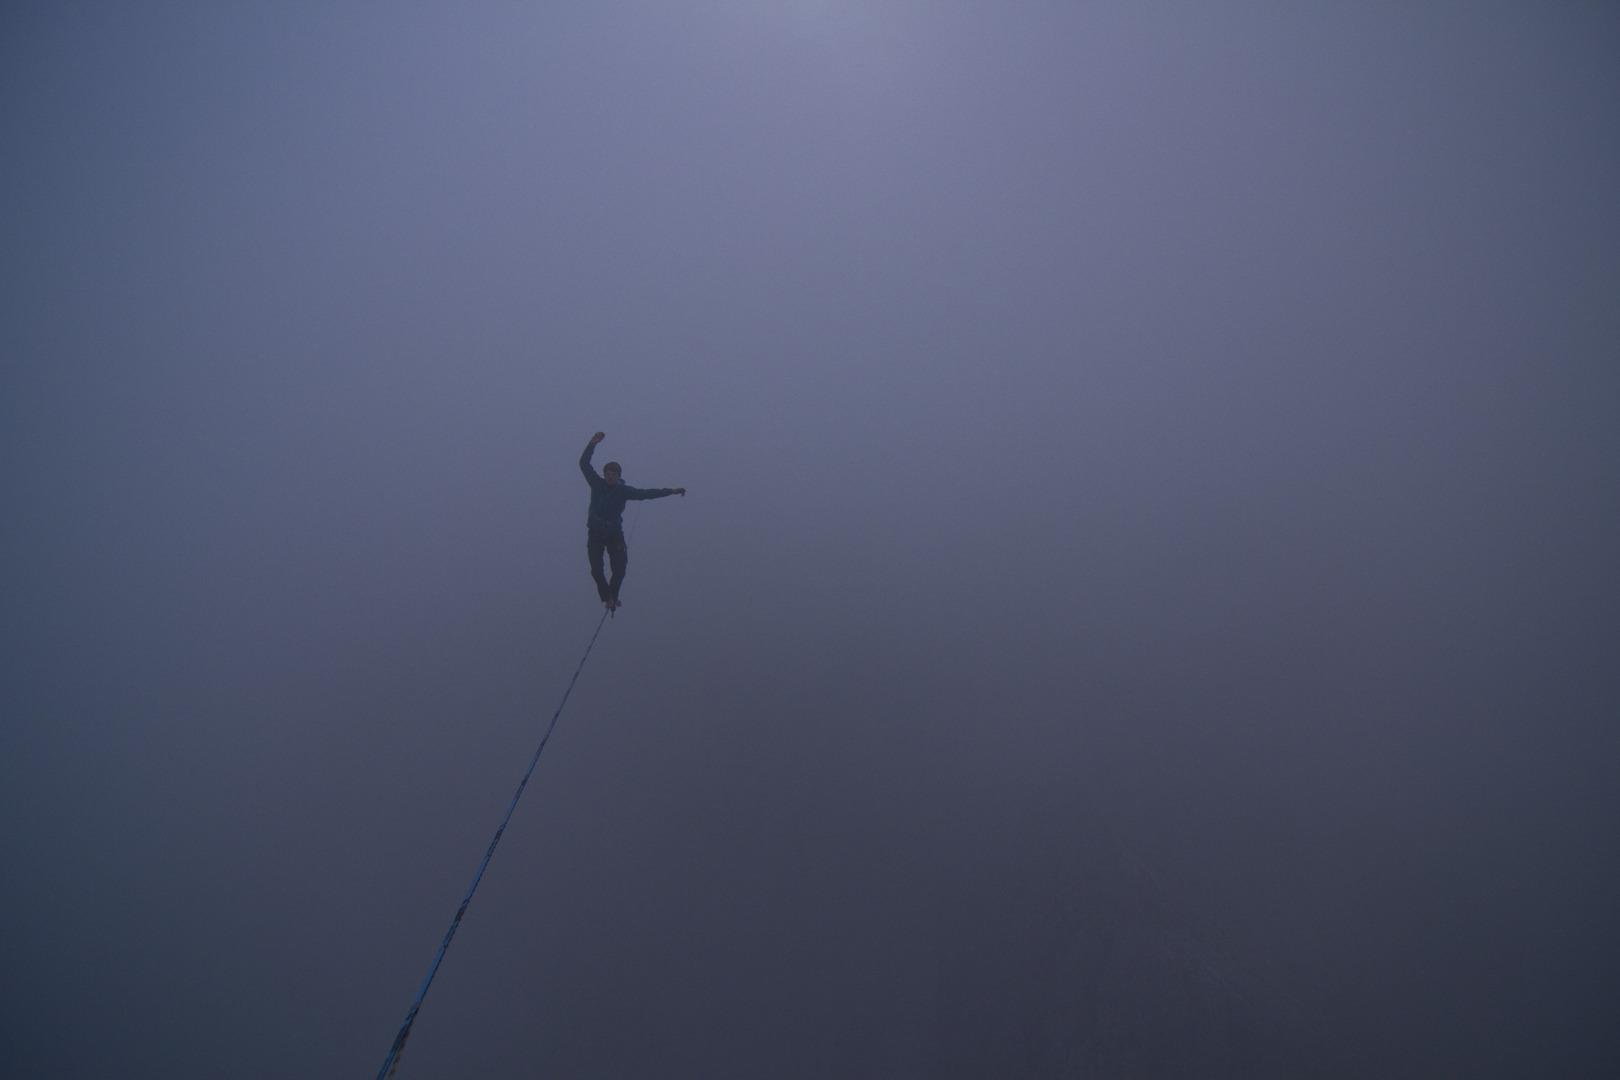 Highline-record-at-Hochkoenig (9).jpg